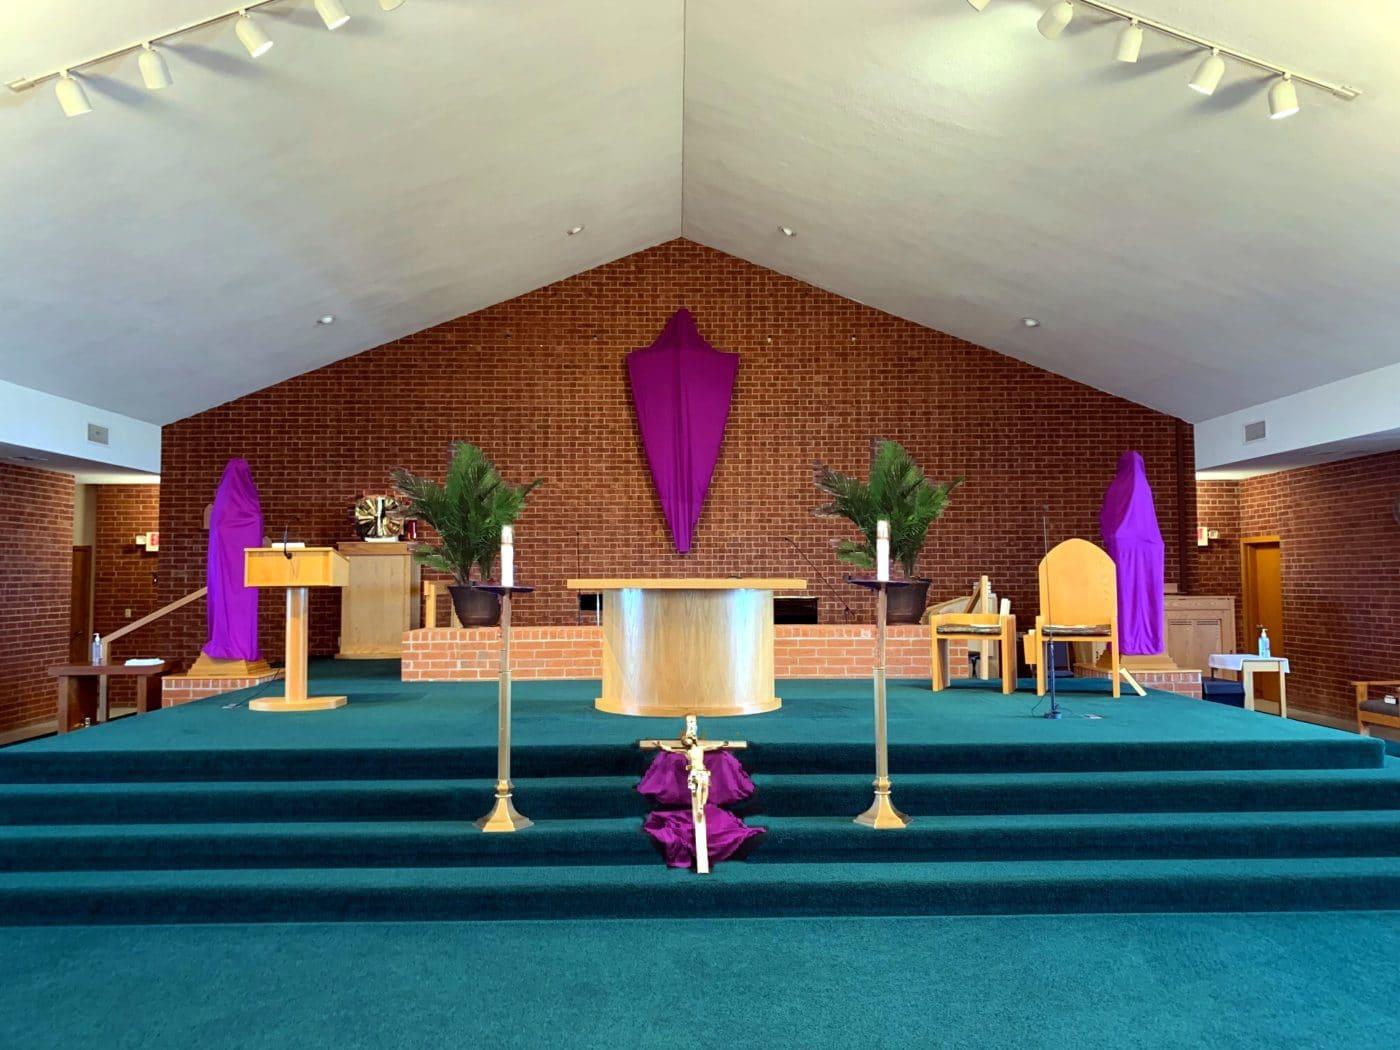 Church Sanctuary on Good Friday